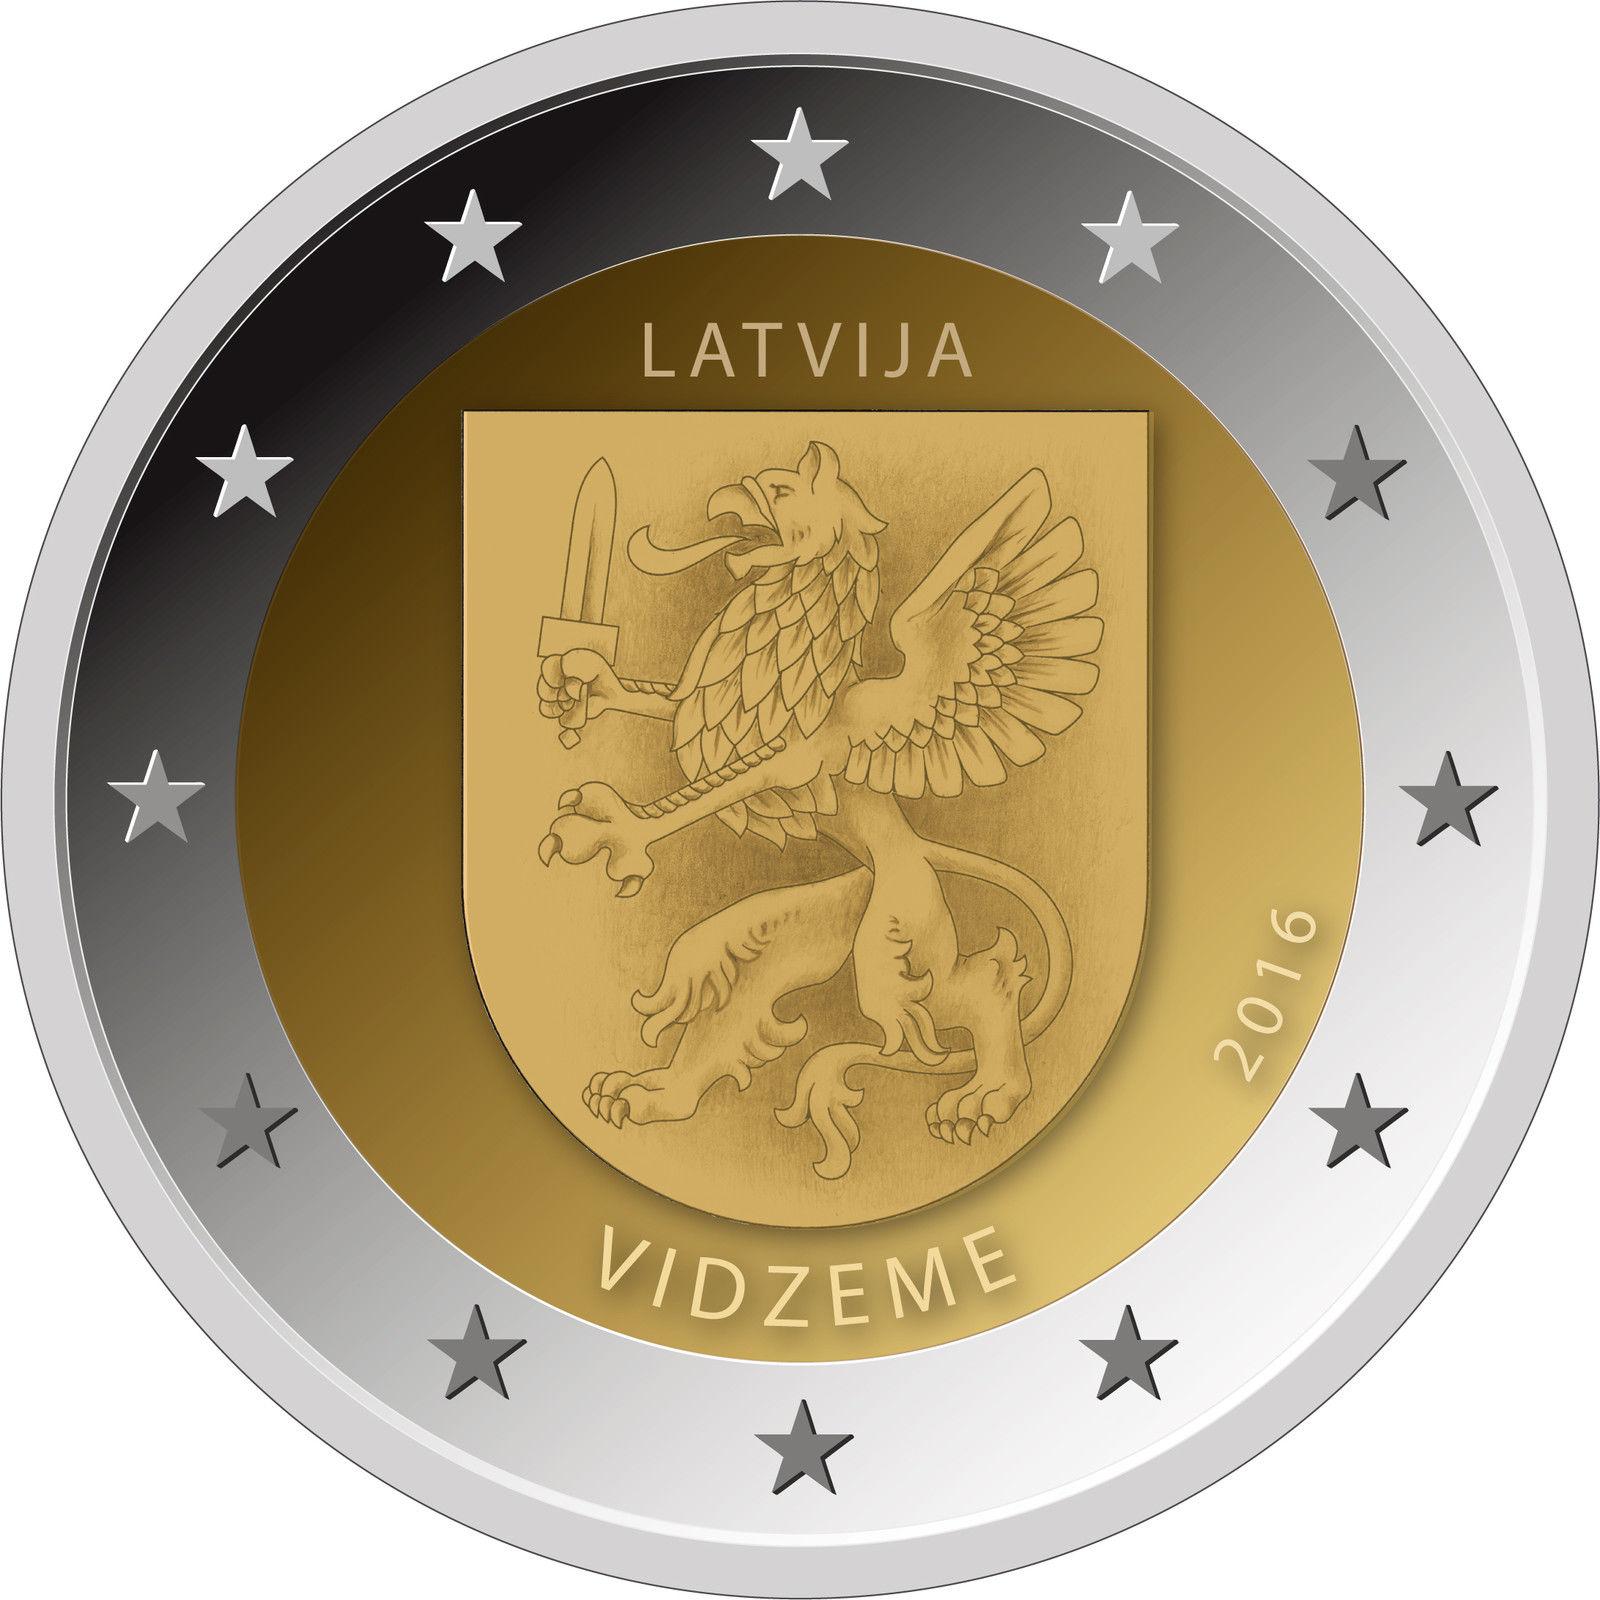 Латвия 2 евро 2016 г. Историческая область - Видземе